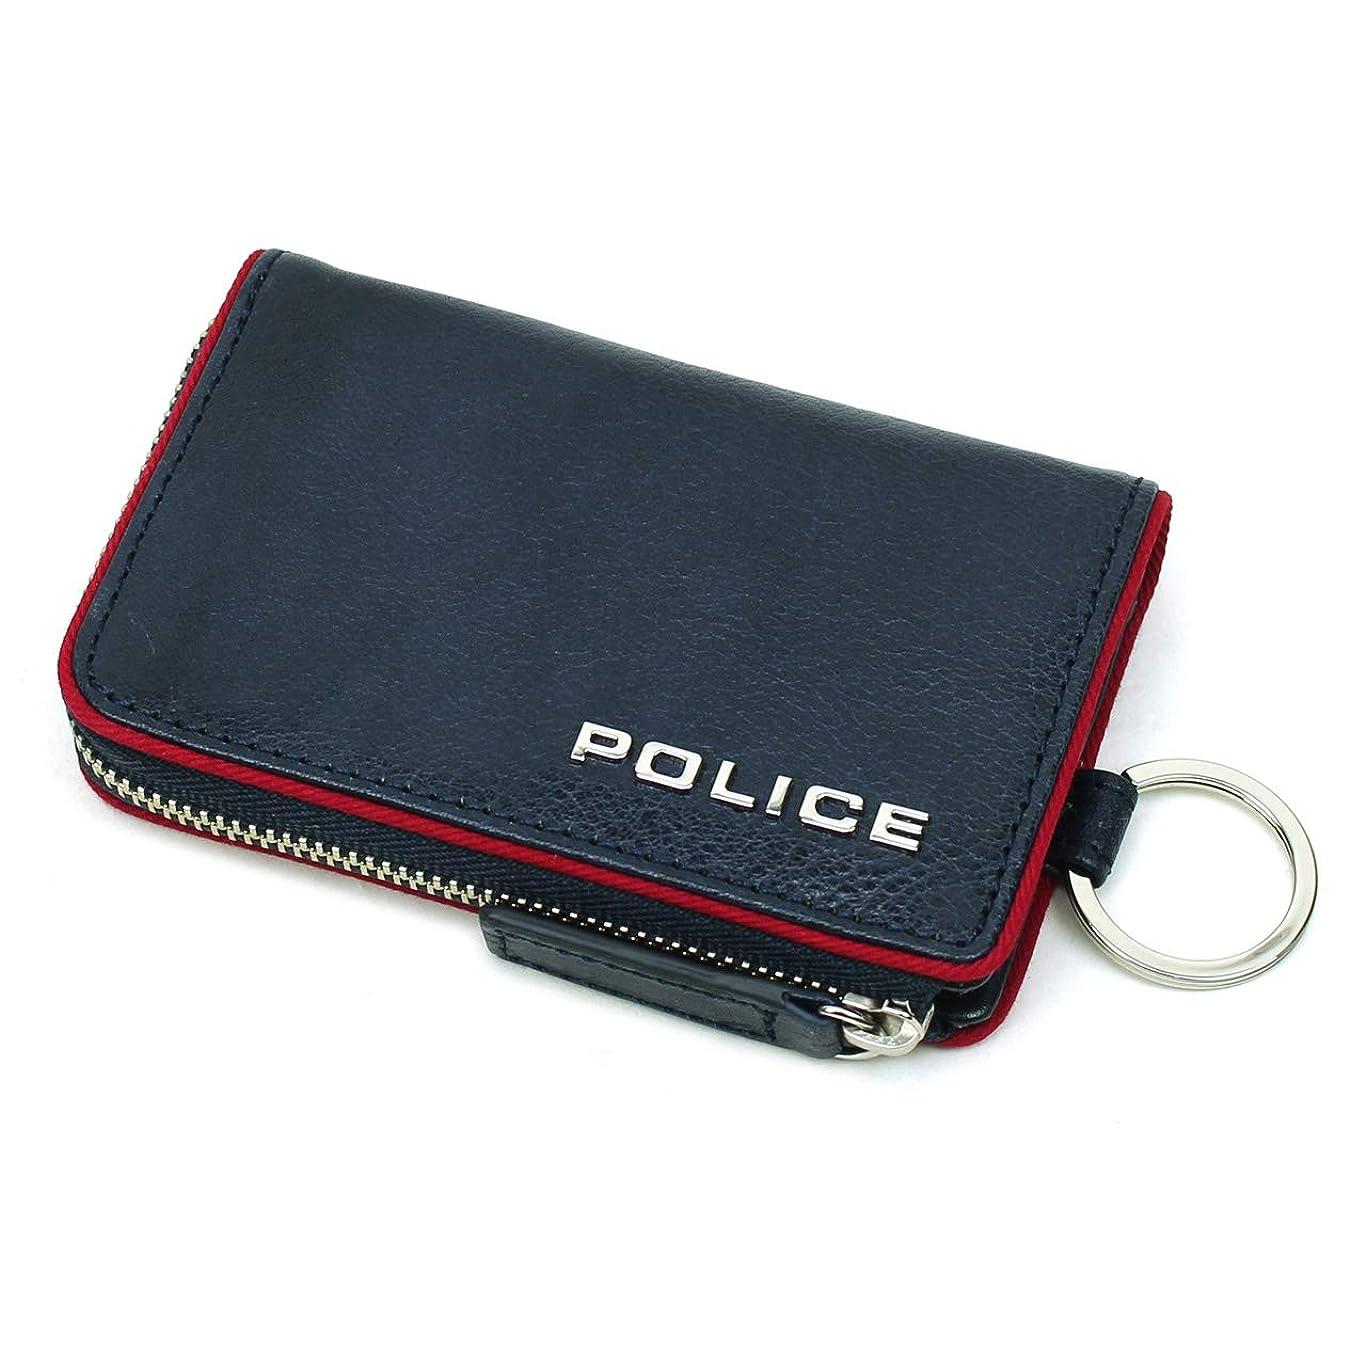 従者打倒不幸[POLICE(ポリス)] キーケース 5連 キーリング付き テライオ PA-70000